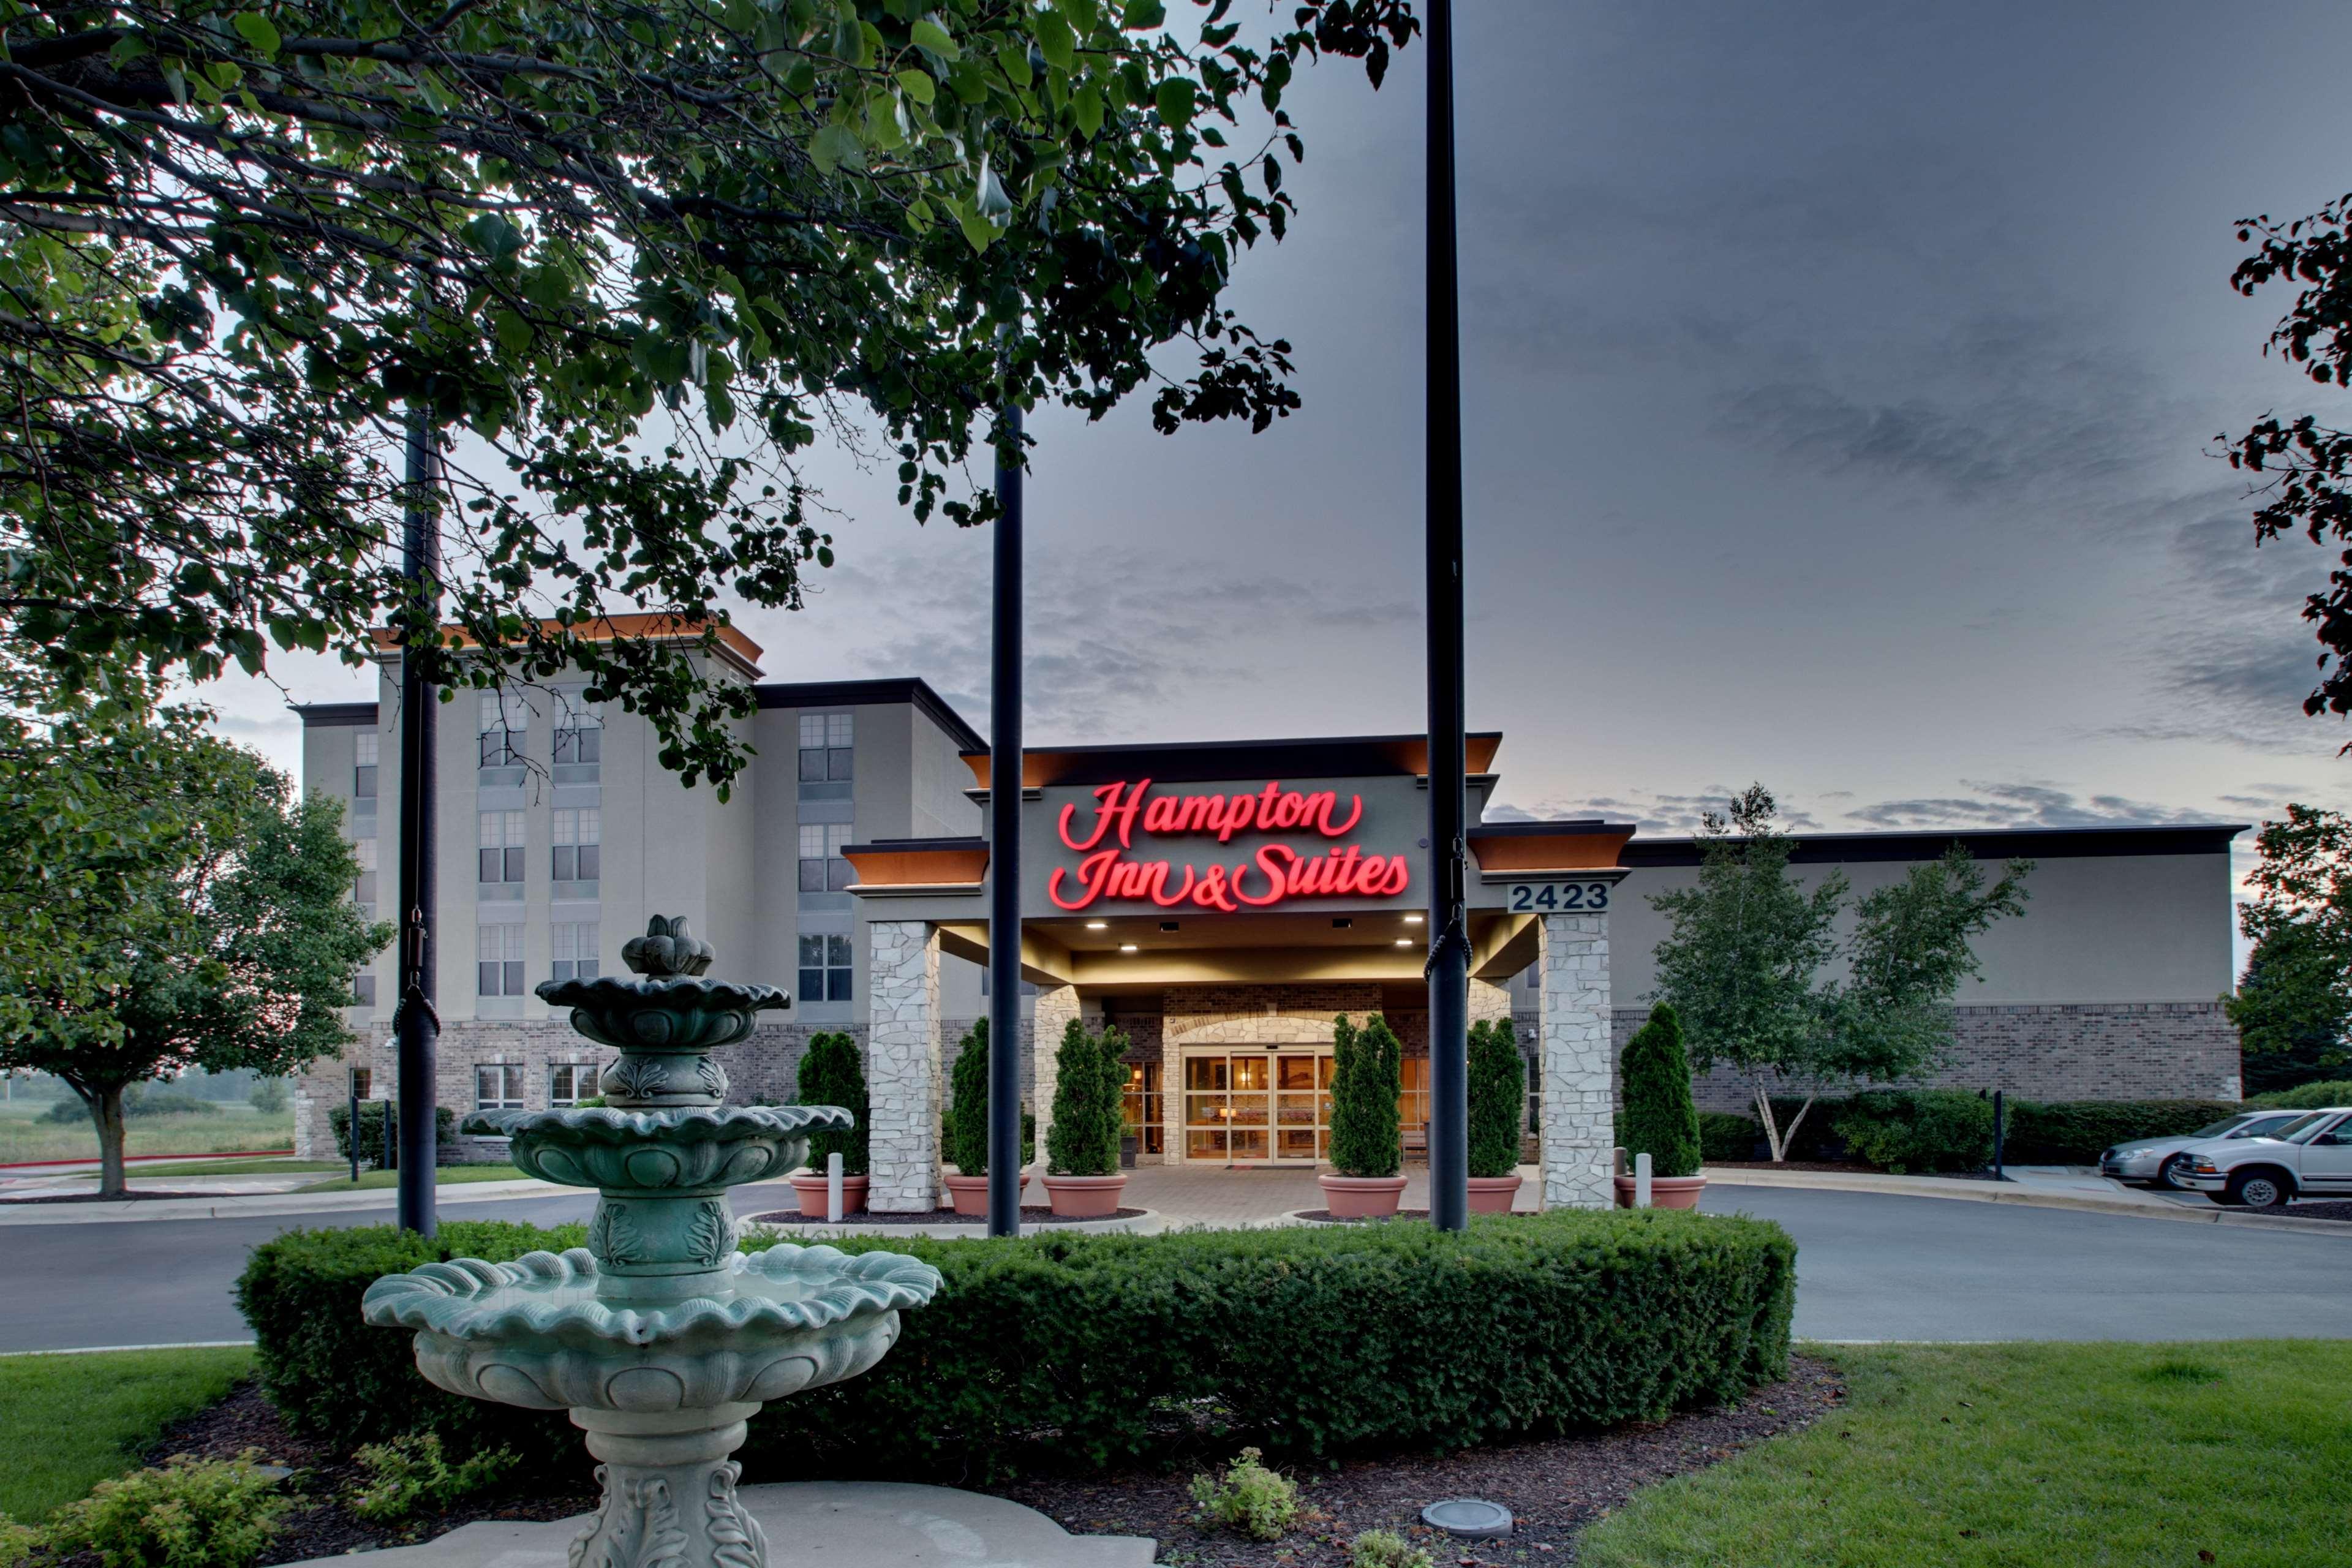 Hampton Inn & Suites Chicago/Aurora image 4